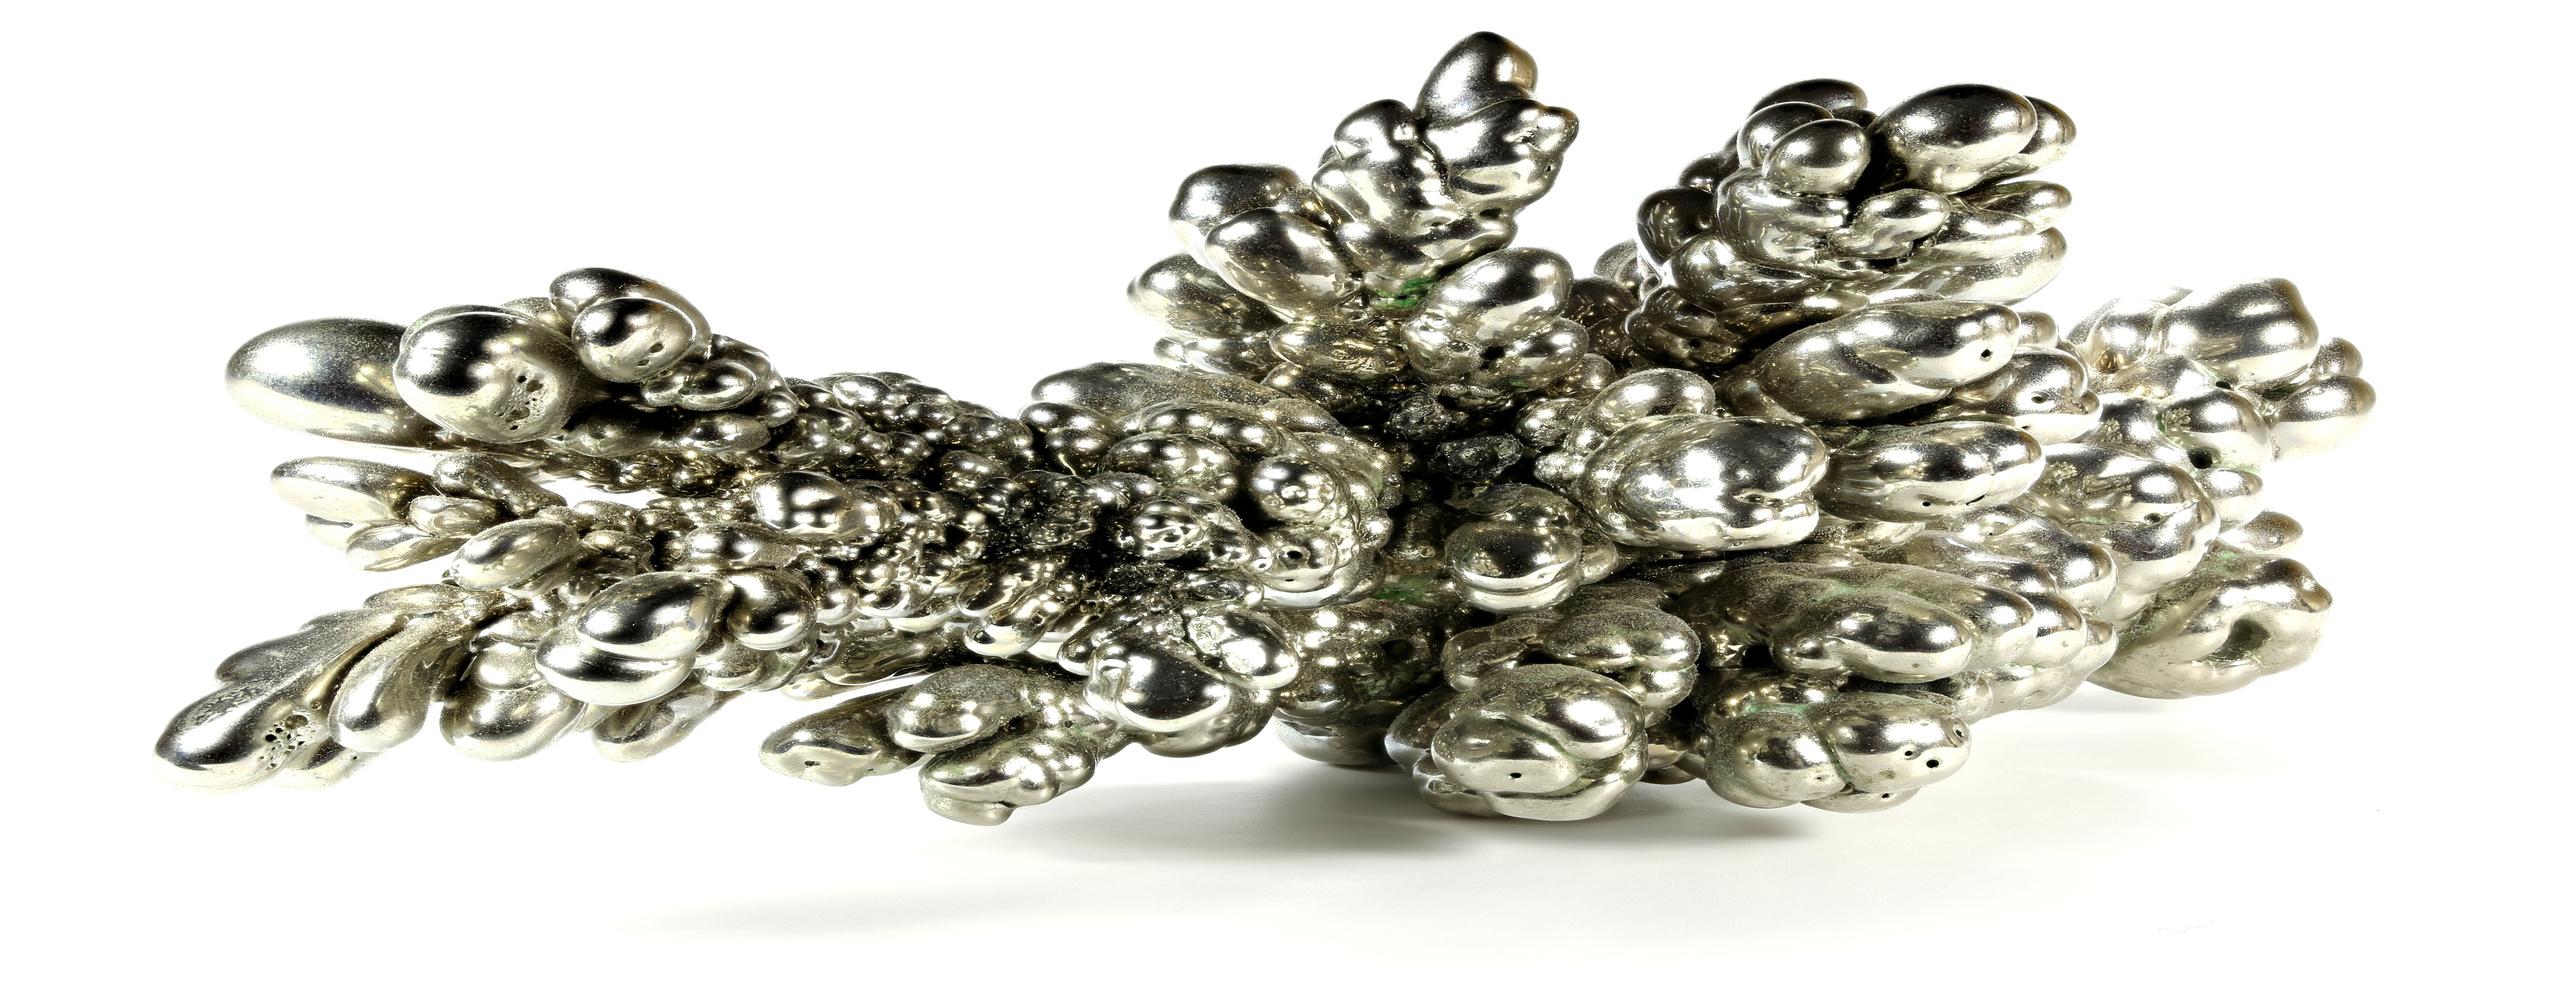 metalele grele si influenta lor asupra organismului